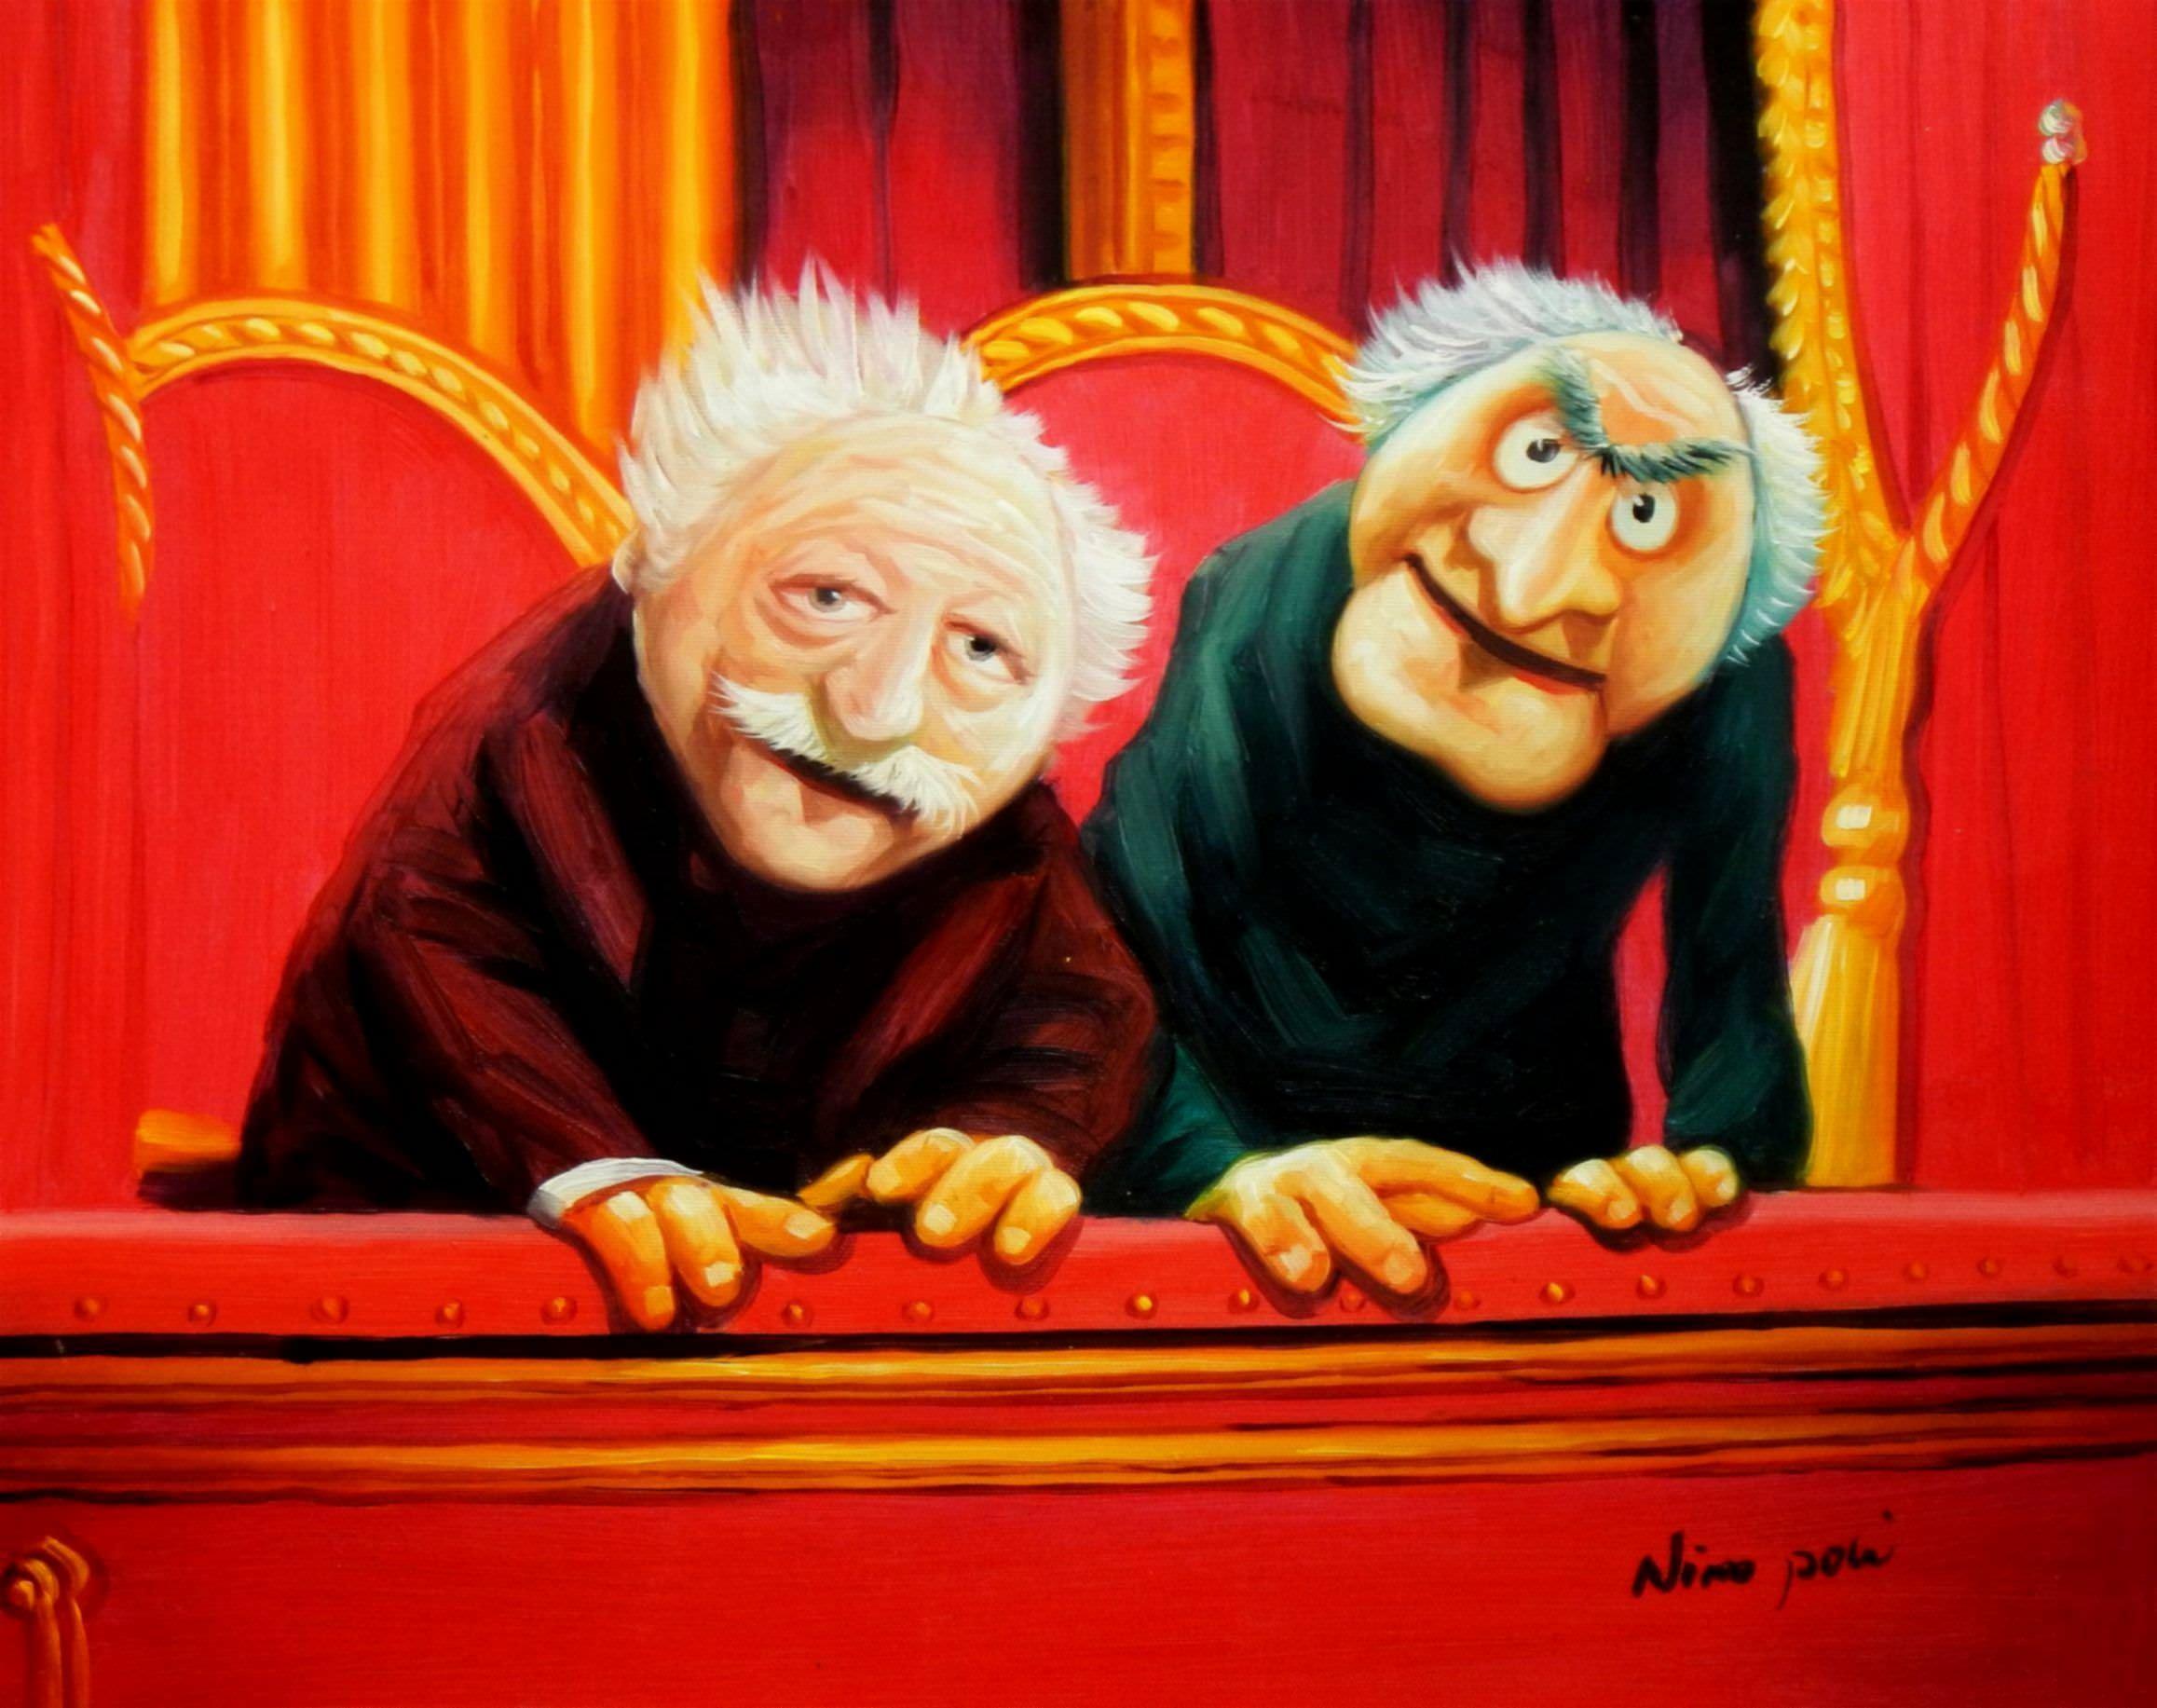 Muppet Opas Waldorf & Statler Pop Art b96015 40x50cm großartiges Ölbild